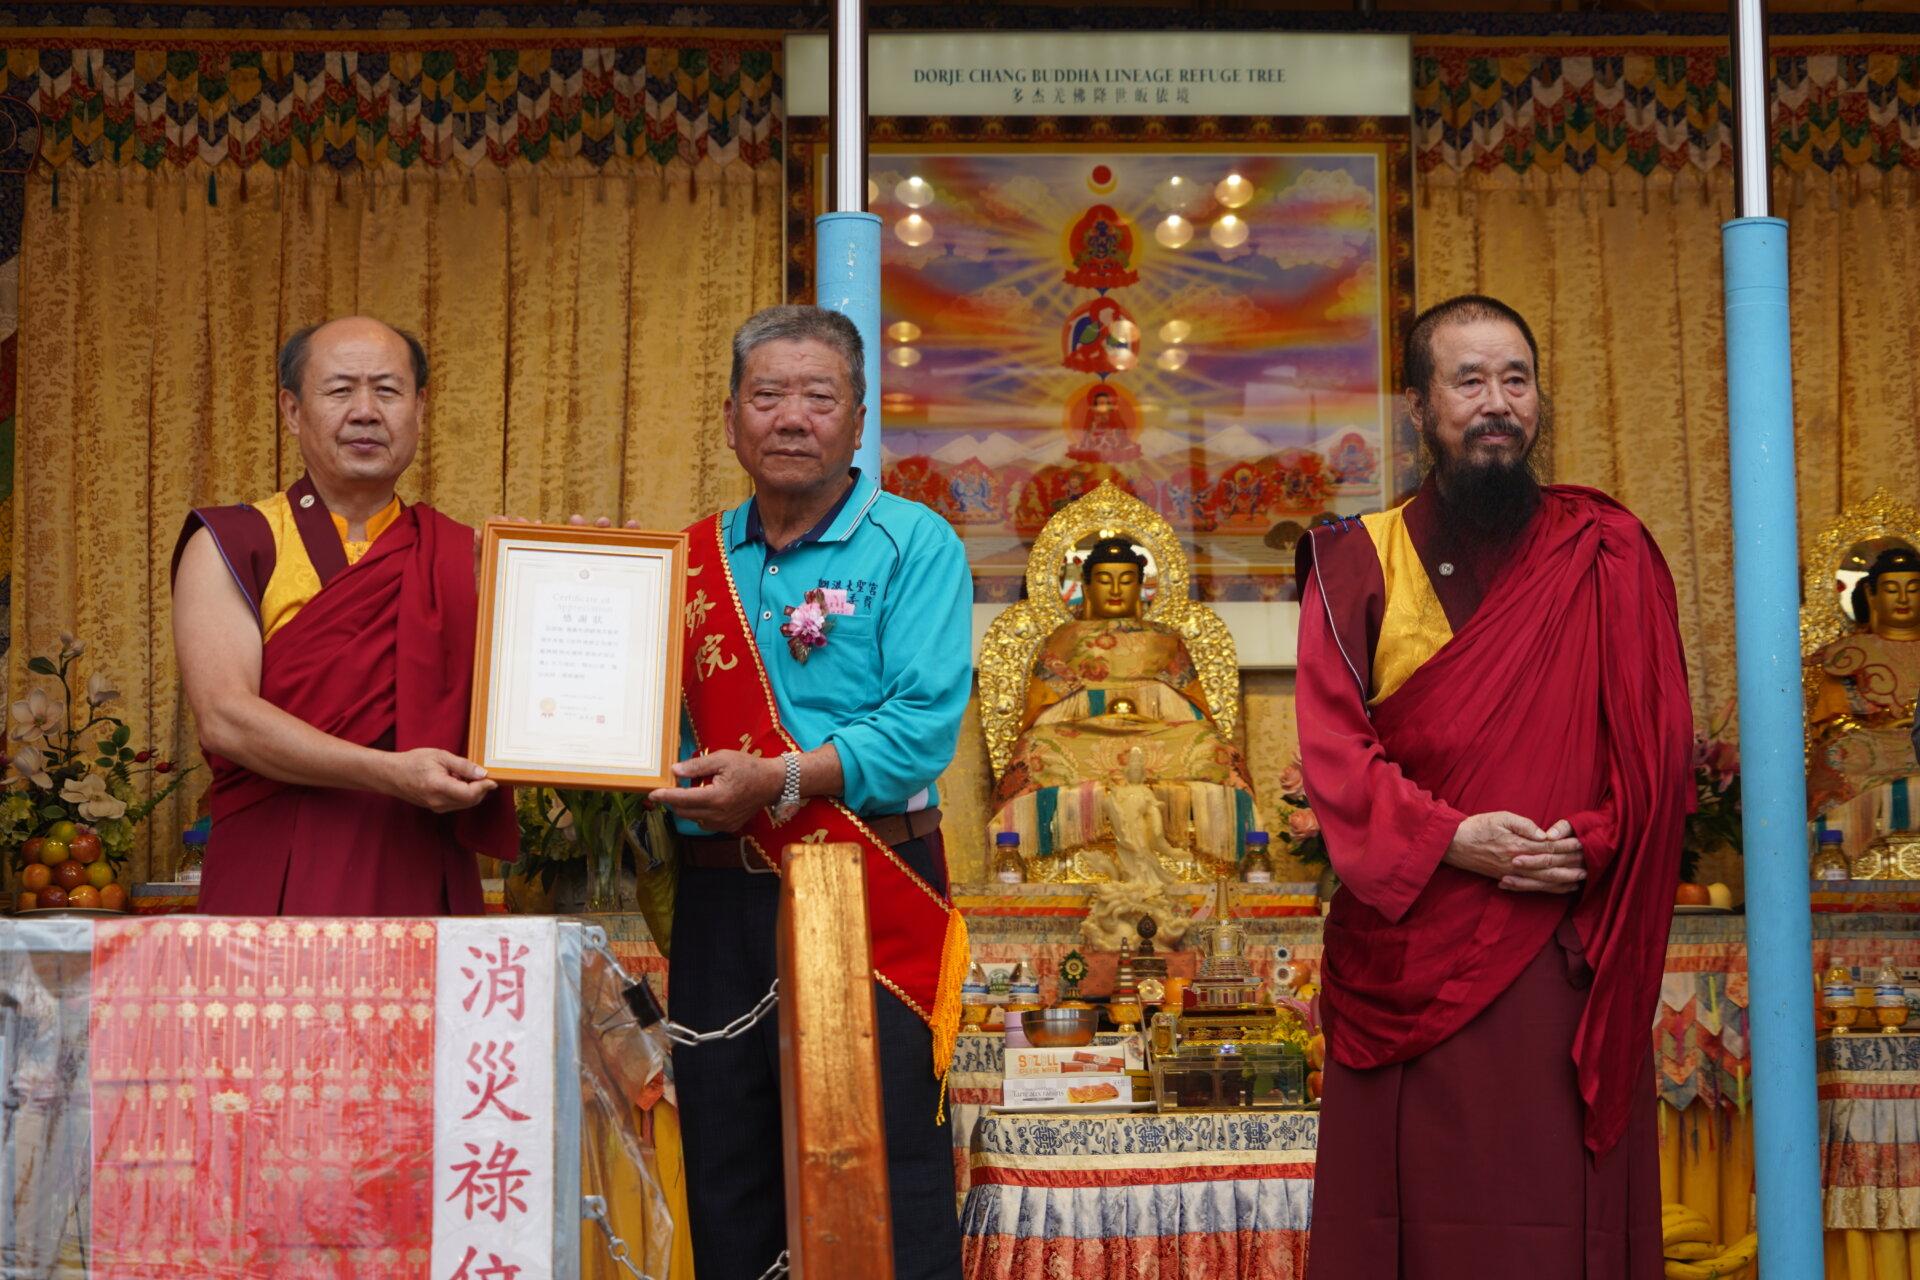 行動佛殿110站嘉義布袋魍港,卓總會長代表該會致贈感謝狀給魍港太聖宮